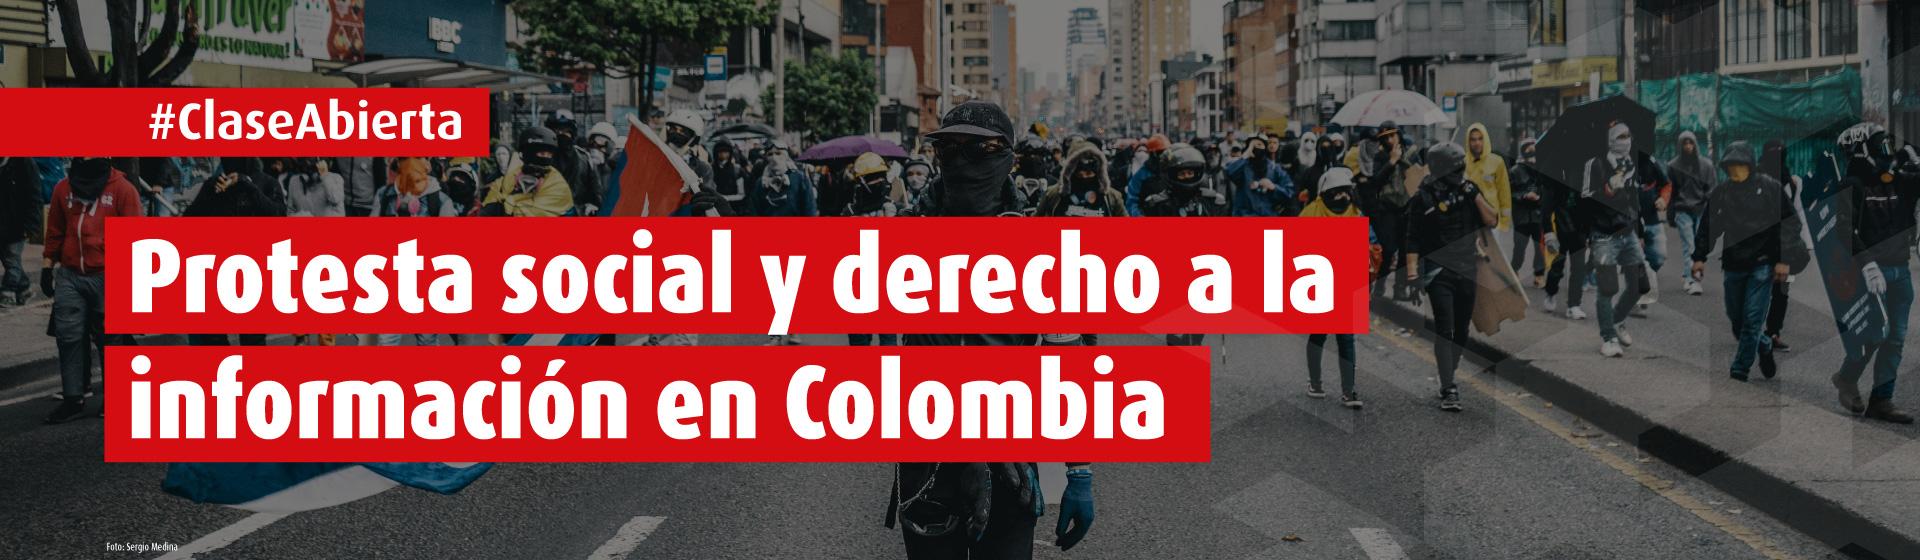 Protesta social y derecho a la información en Colombia- Cider | Uniandes